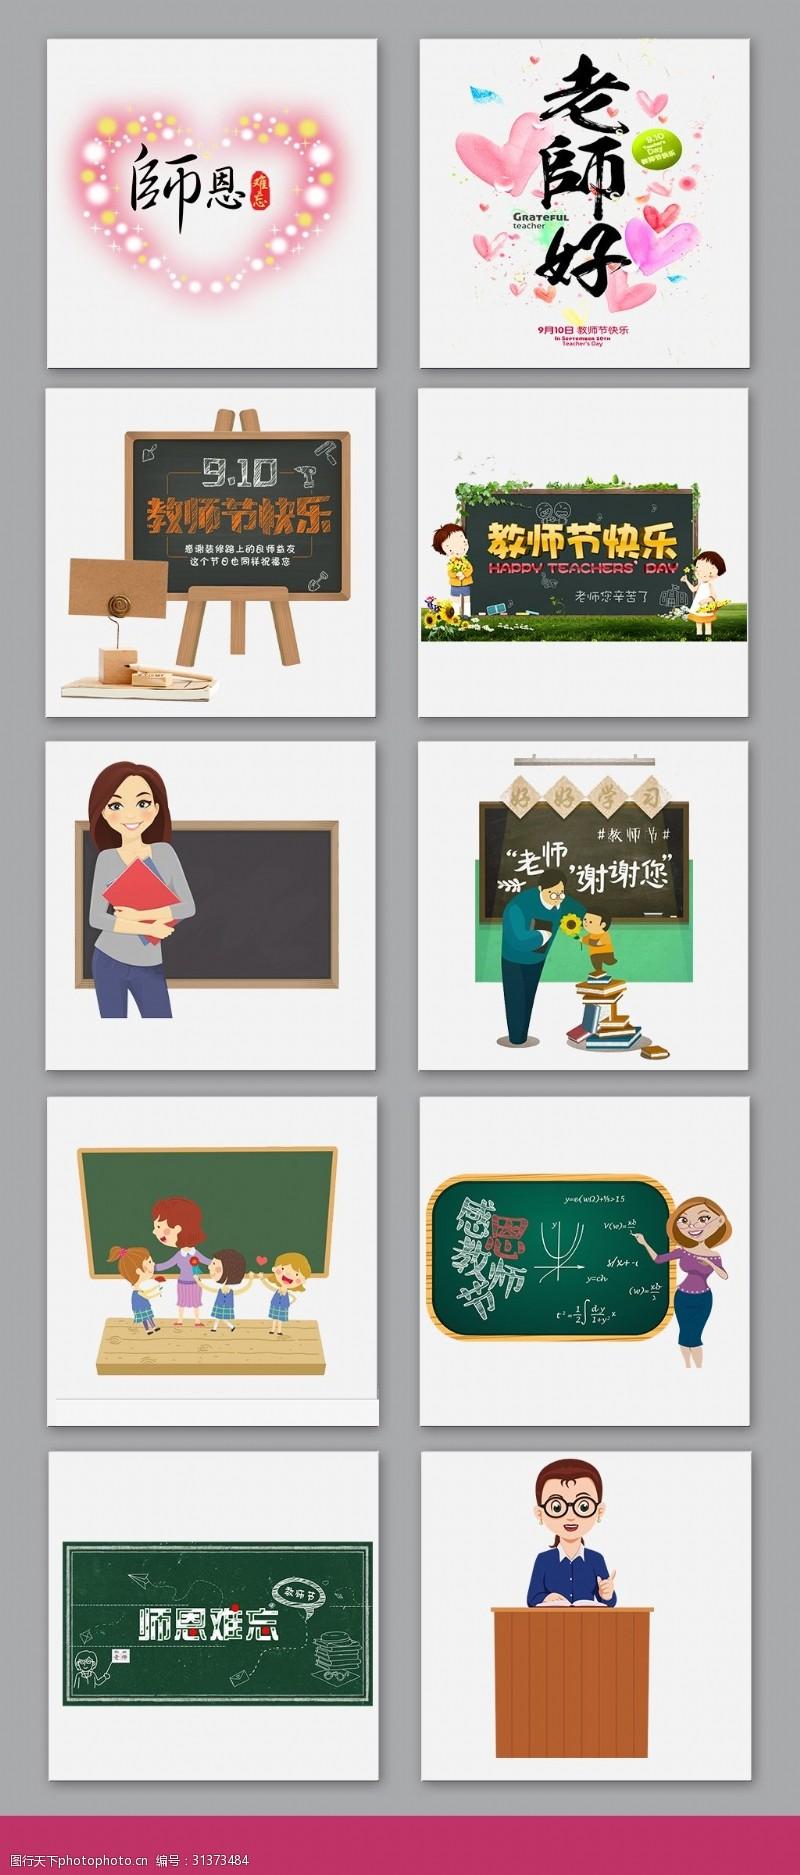 教师节创意字卡通风教师节素材黑板PNG免扣素材